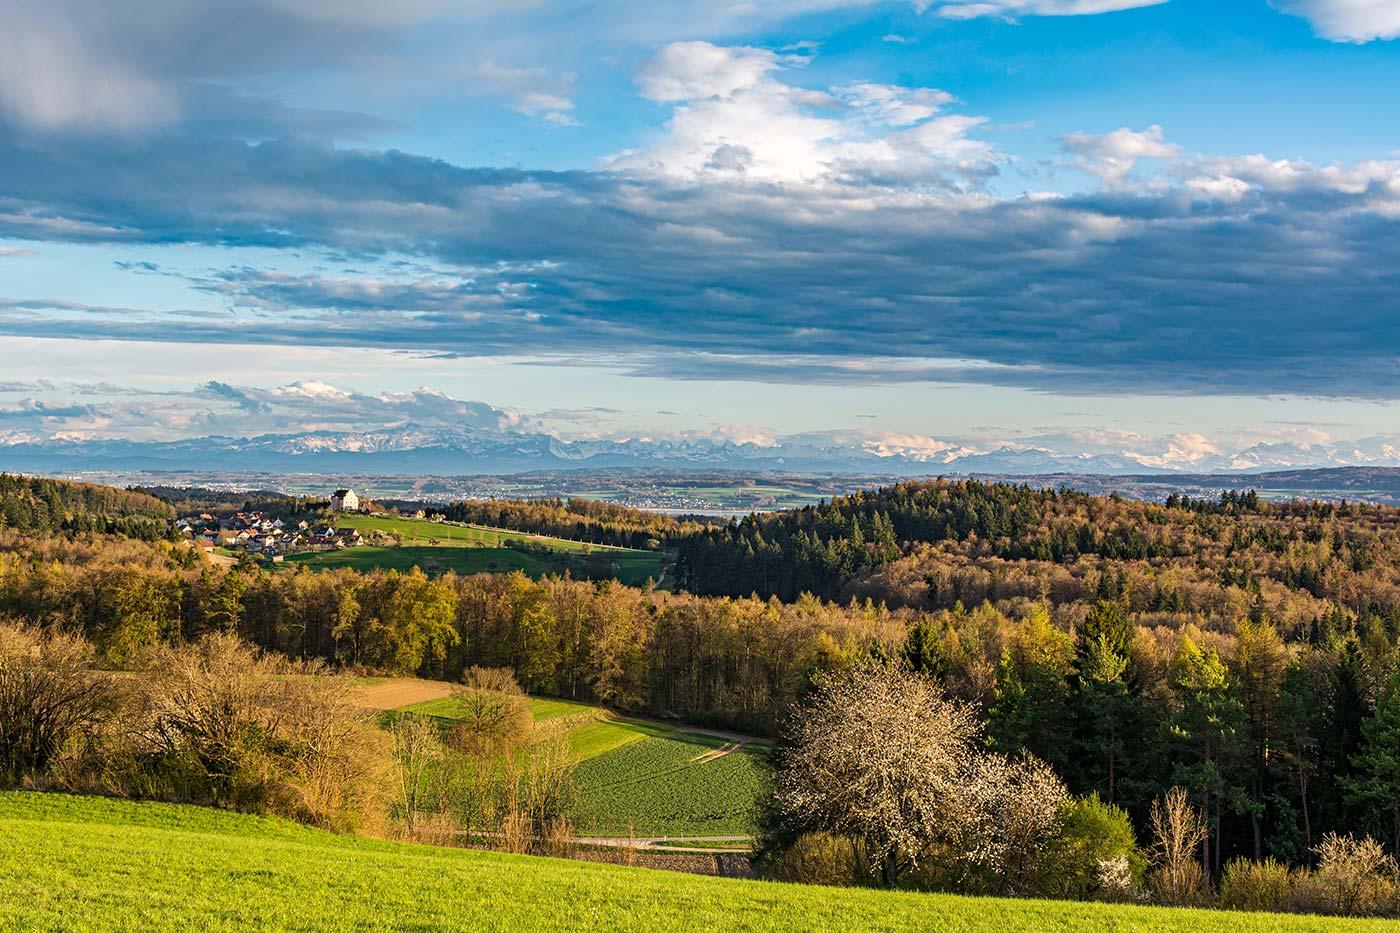 Der beste Aussichtspunkt am Bodensee ist der Sophienberg bei Langenrain